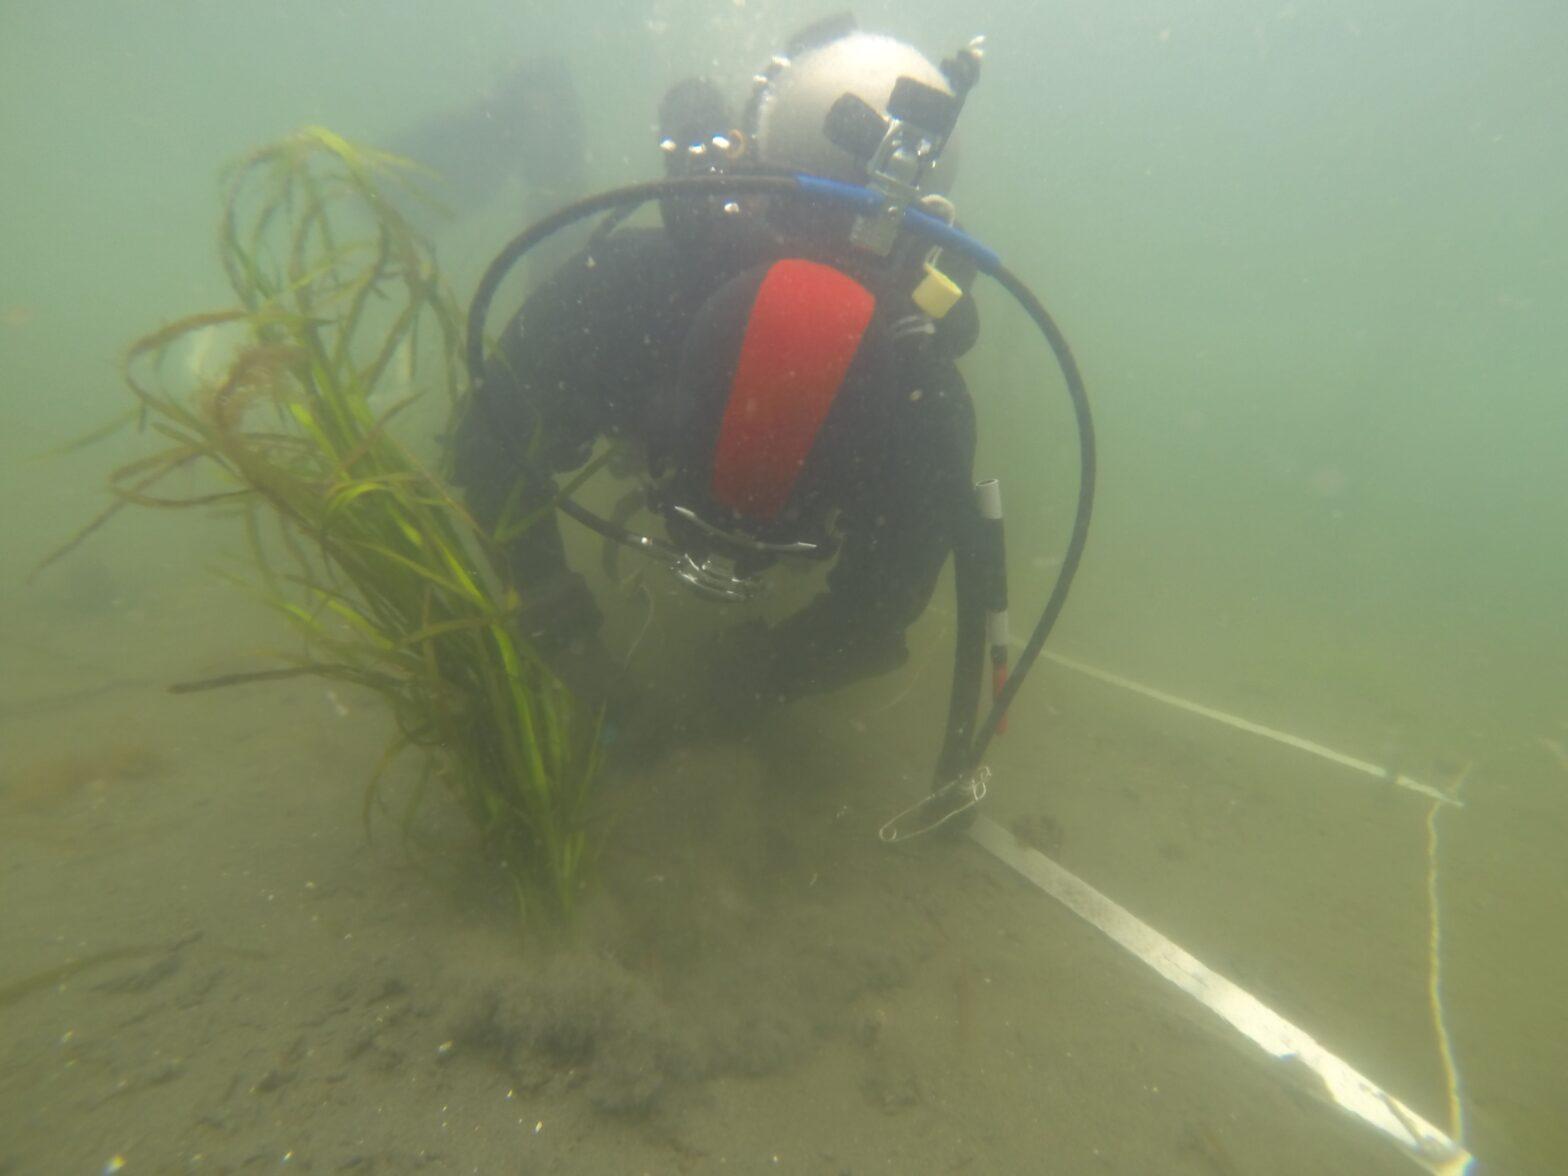 The K'omoks and Squamish Estuaries